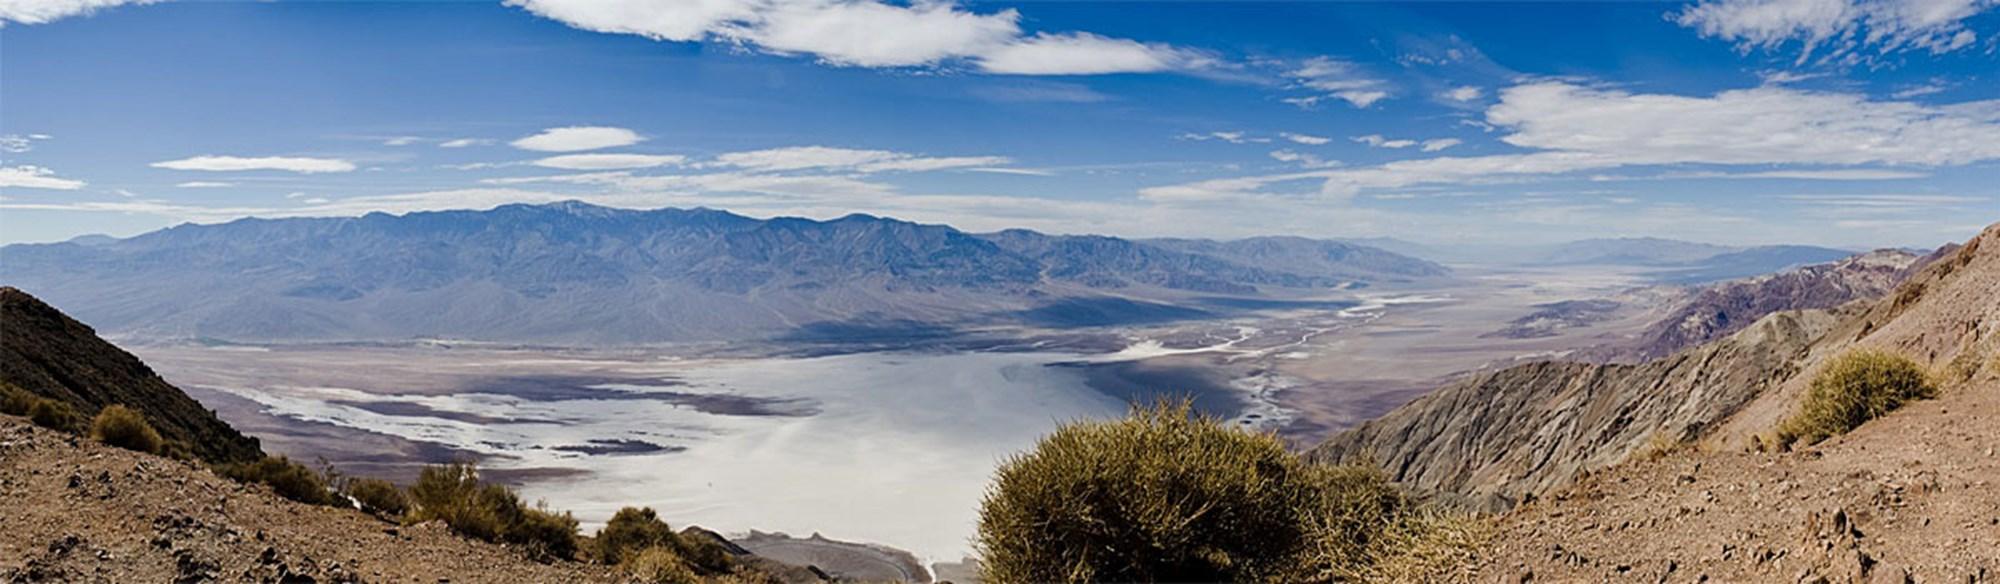 Im Death Valley erschien plötzlich ein großer See – oder etwas Ähnliches